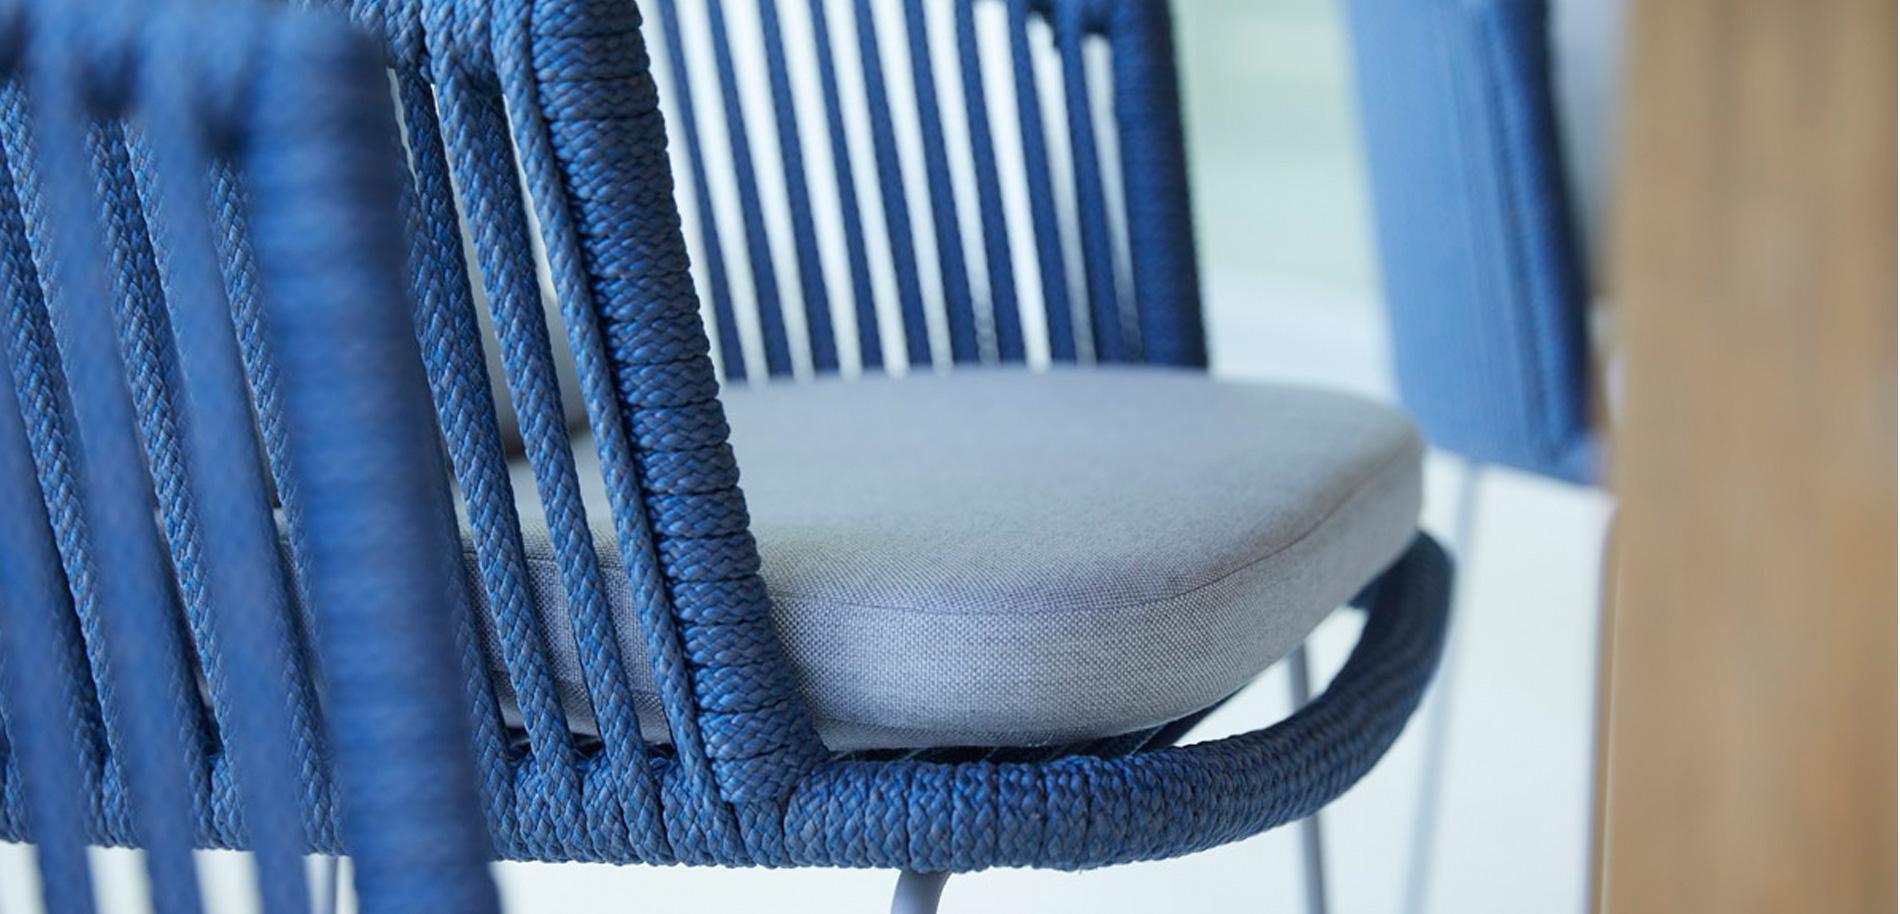 Qualität im Detail: Das weiche Seilgeflecht der Serie Moments lädt zusammen mit den Sitzkissen zum bequemen Sitzen ein.